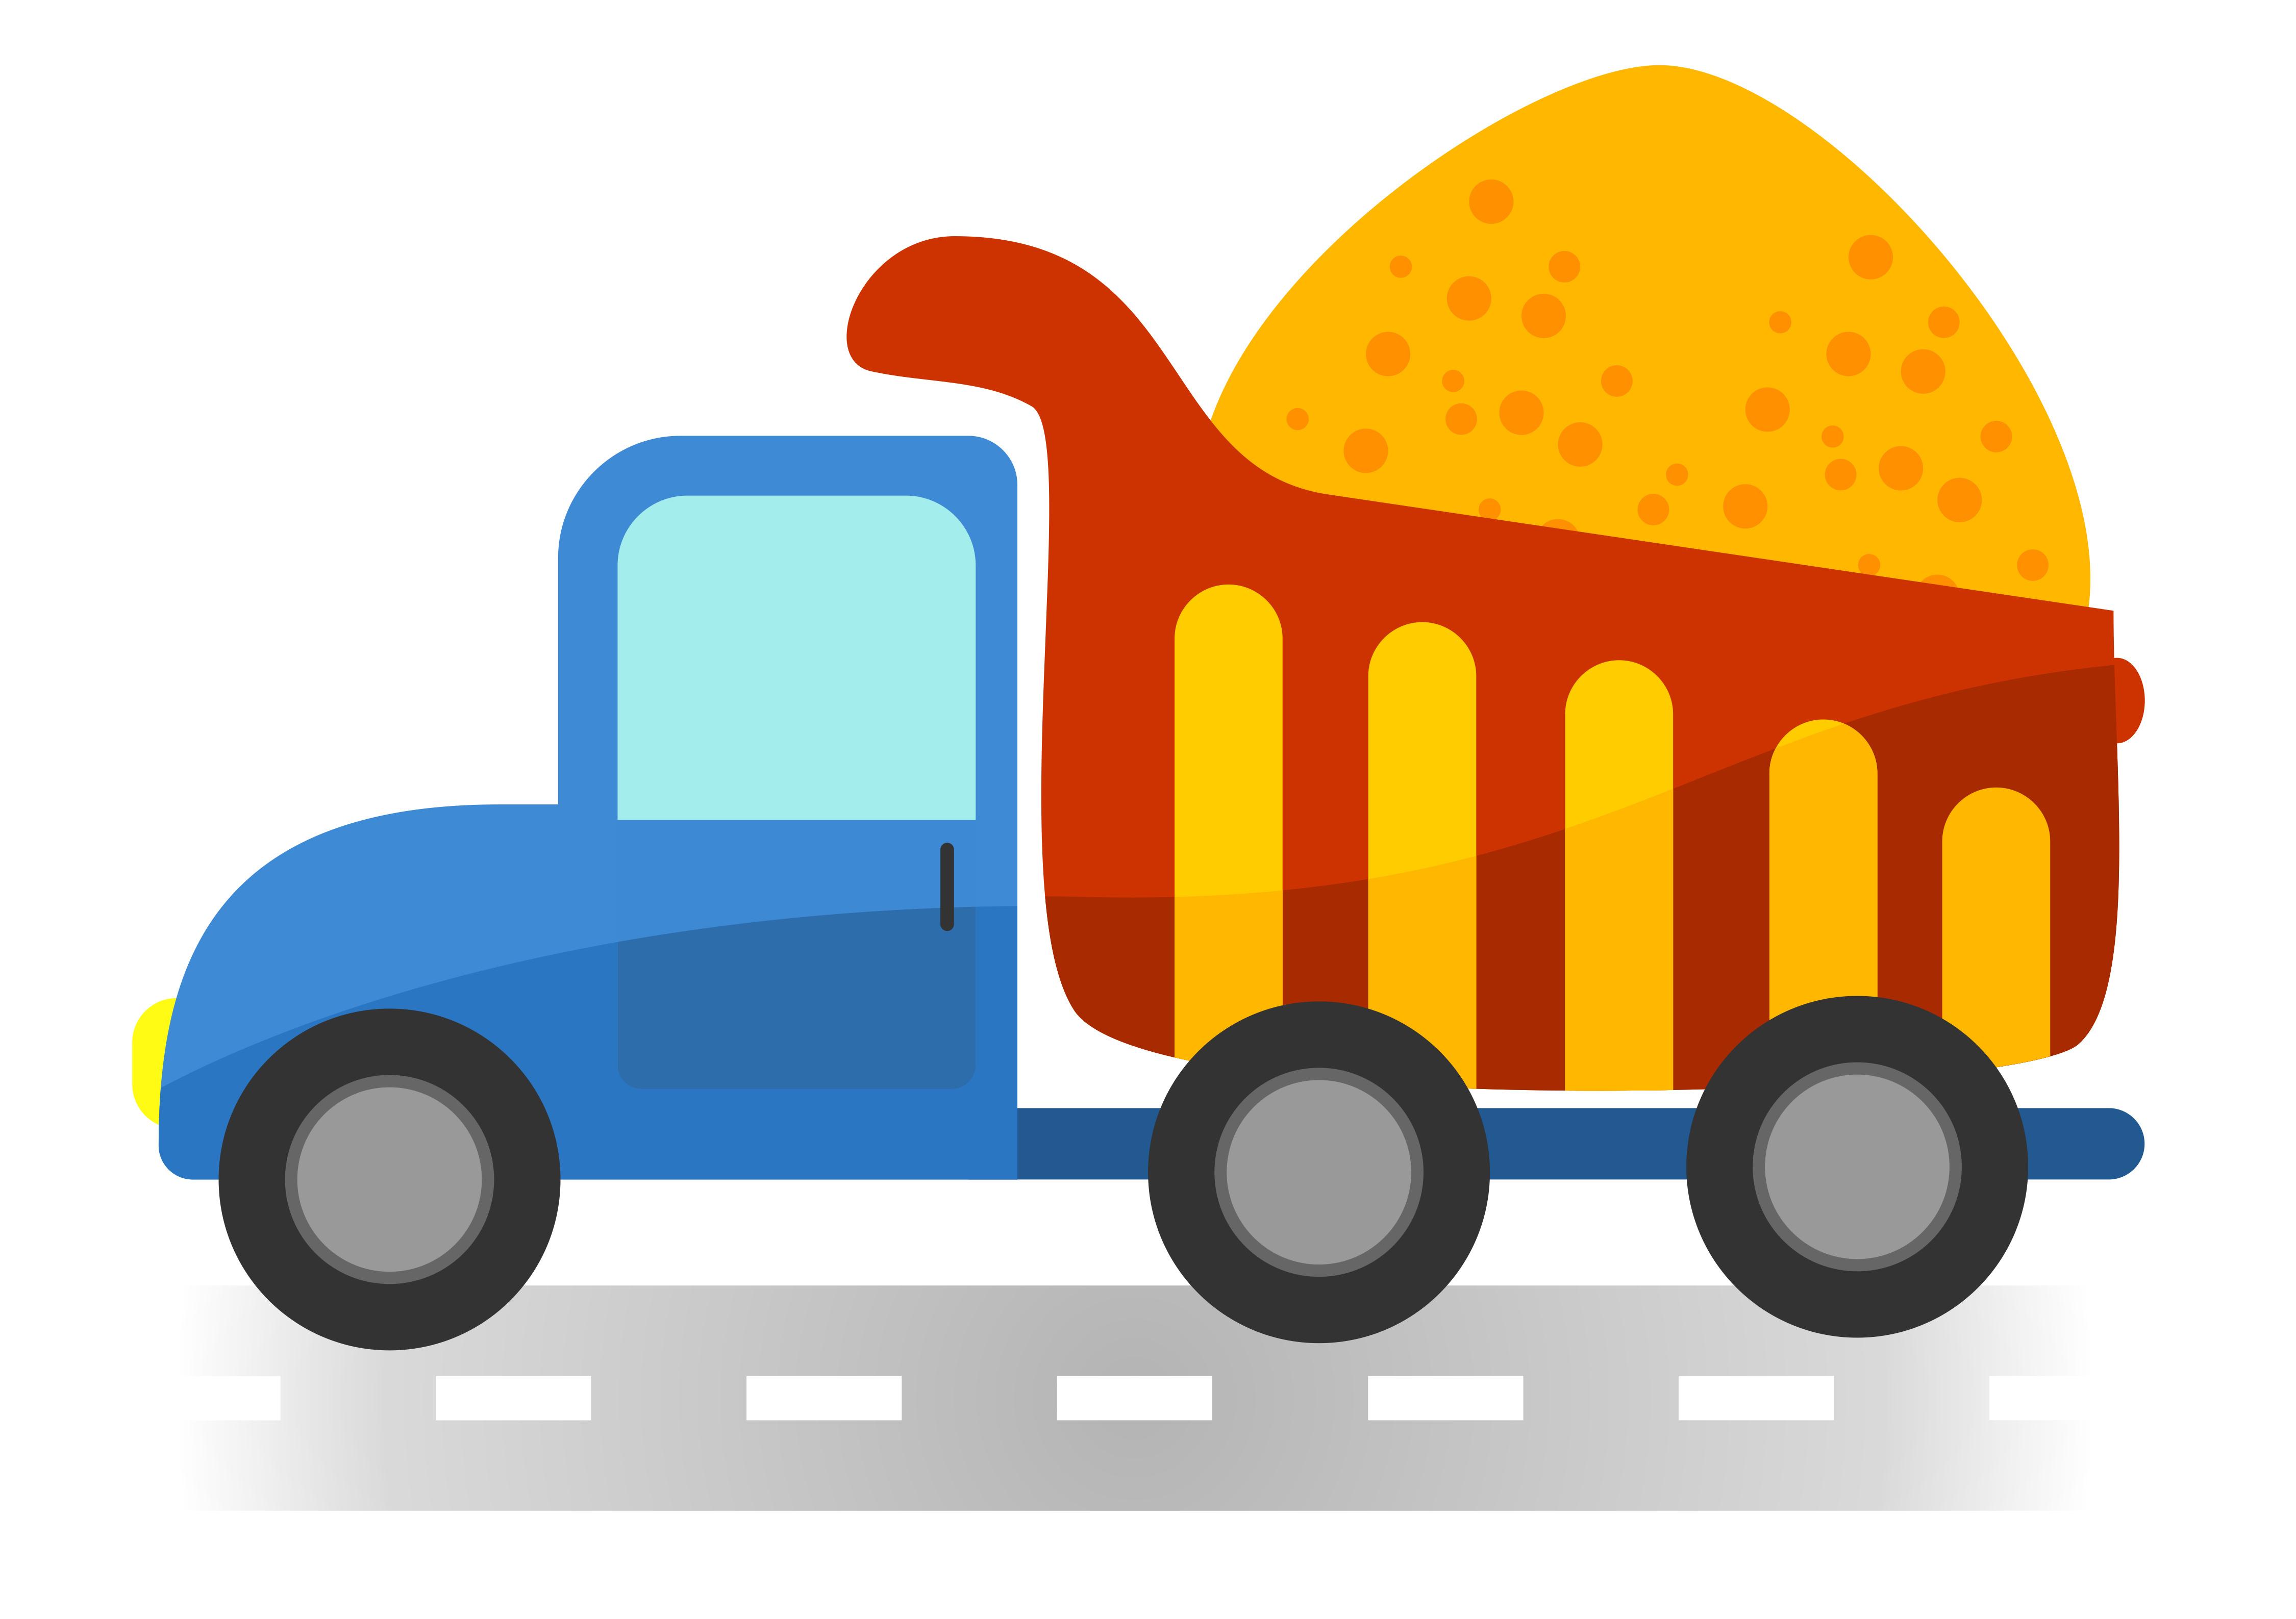 Cartoon dump truck on white background